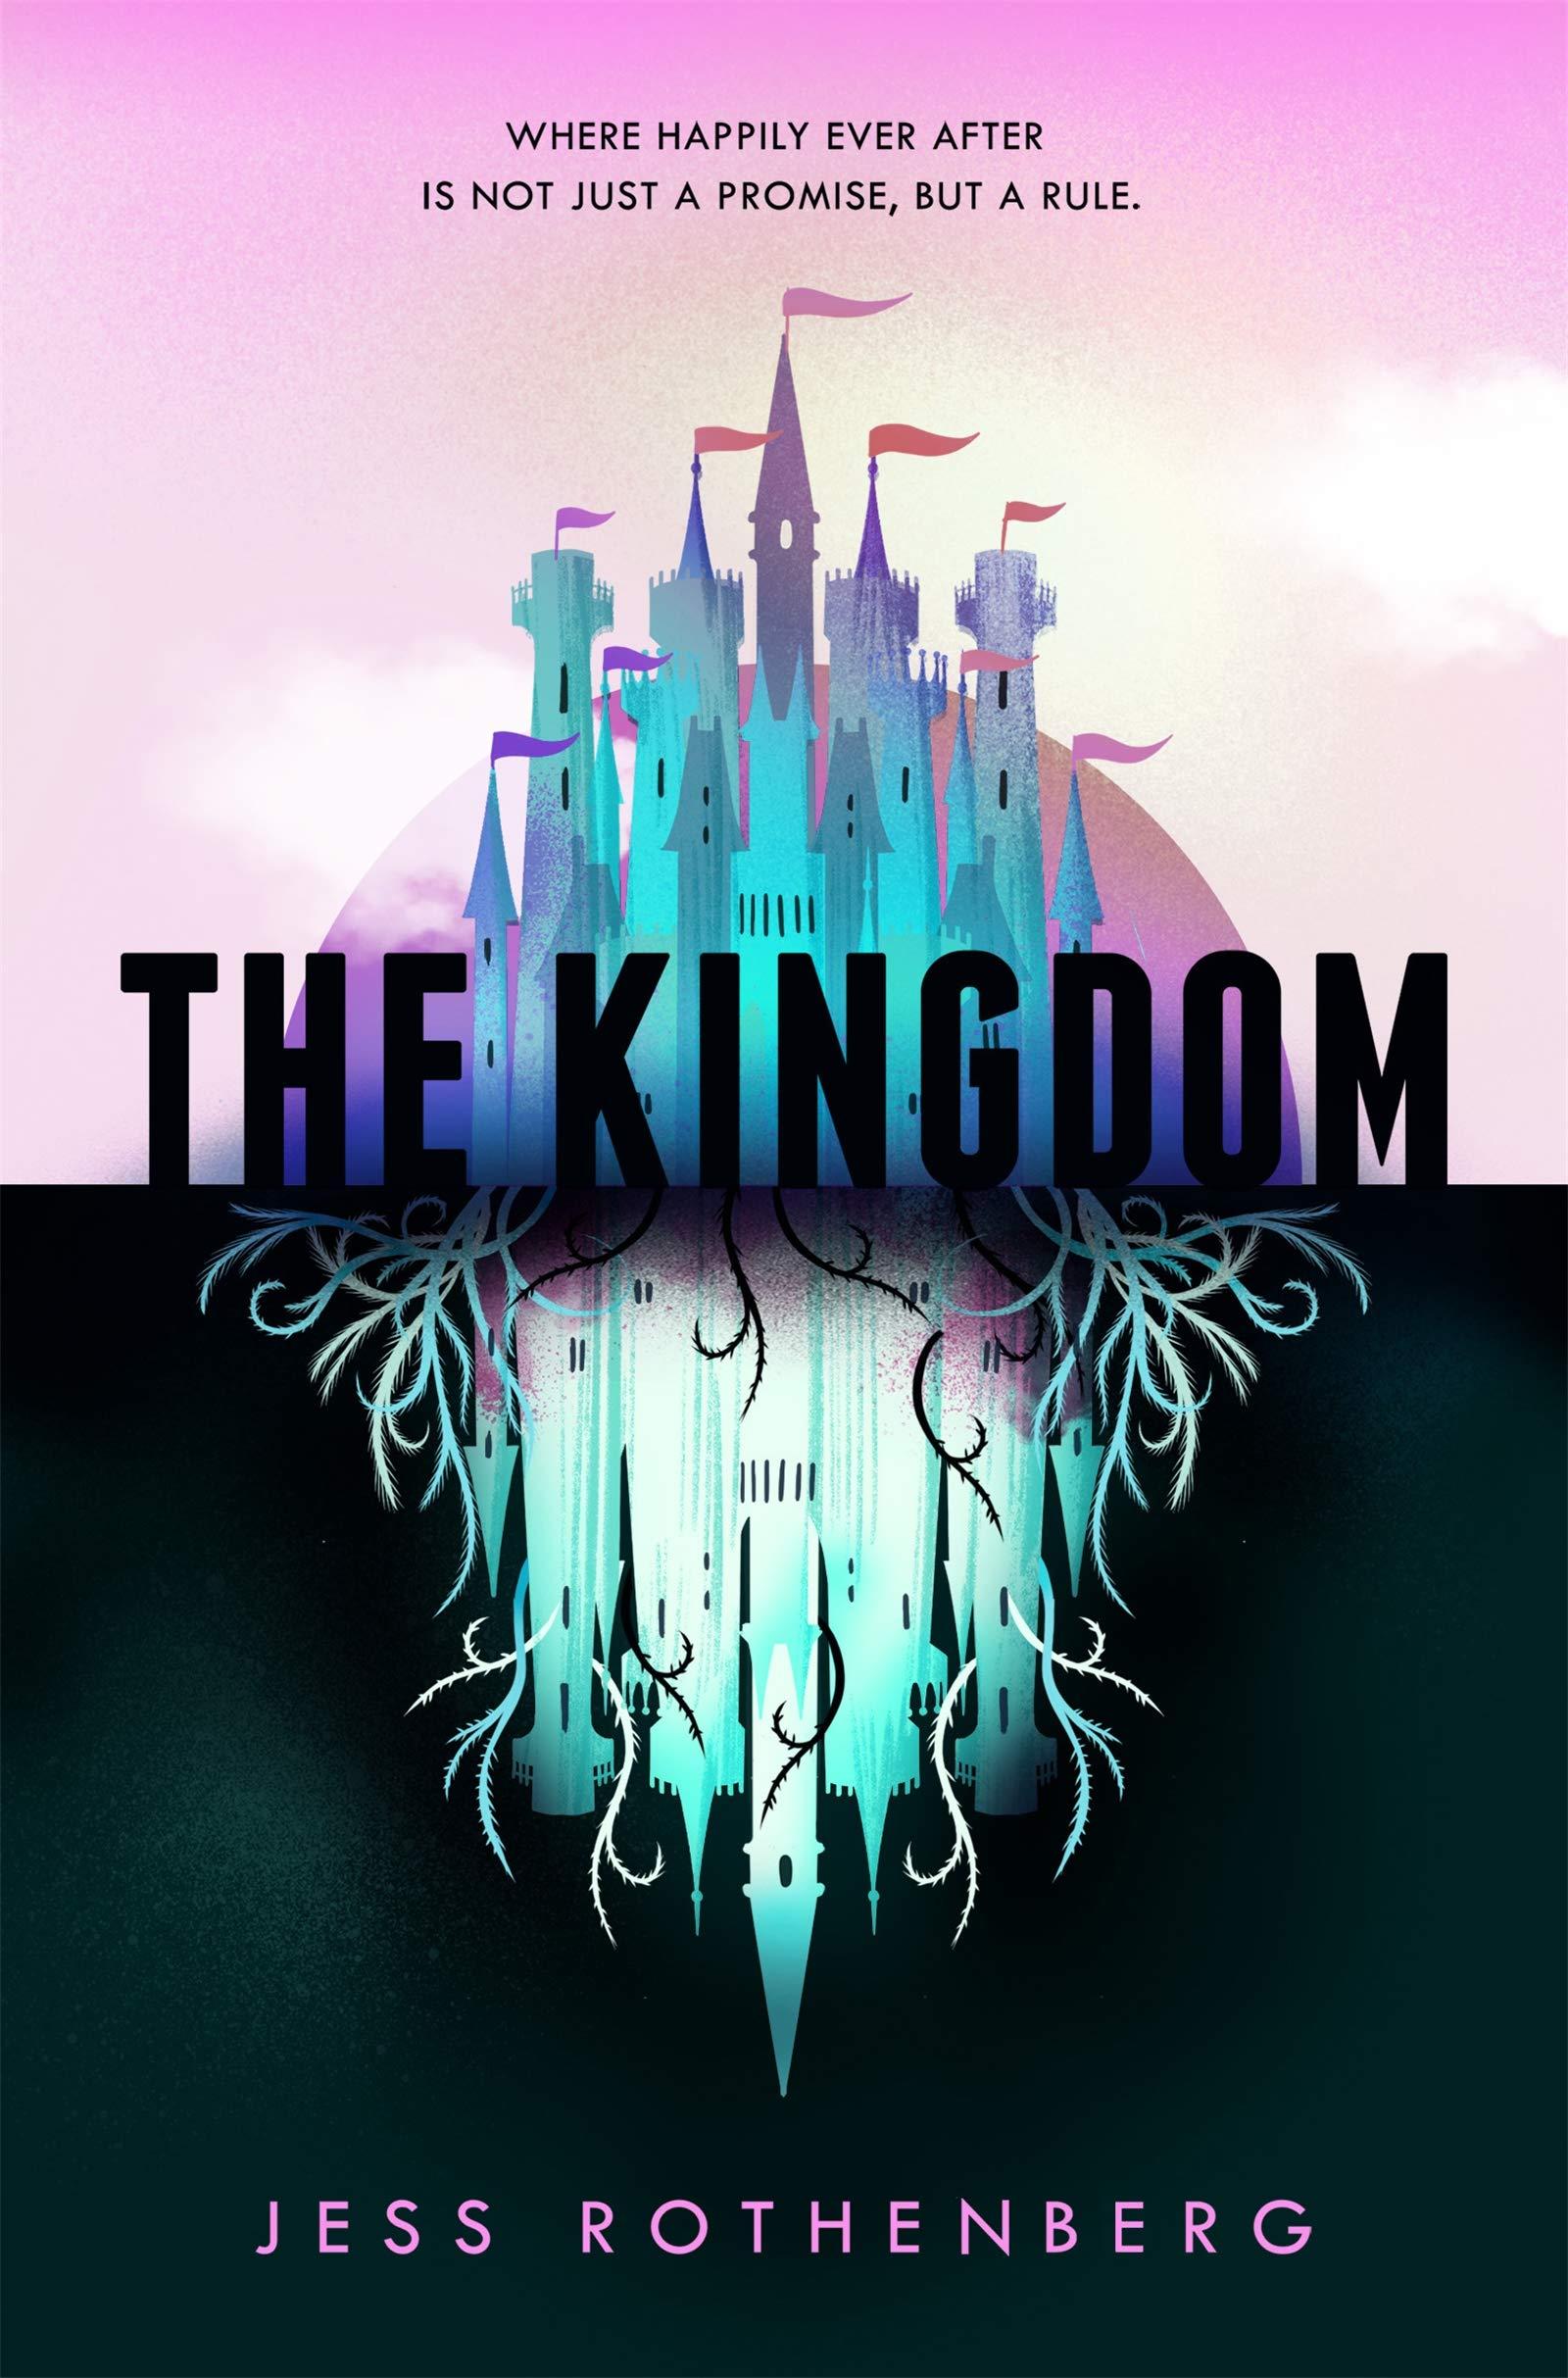 The Kingdom: Amazon.co.uk: Rothenberg, Jess: 9781509899388: Books